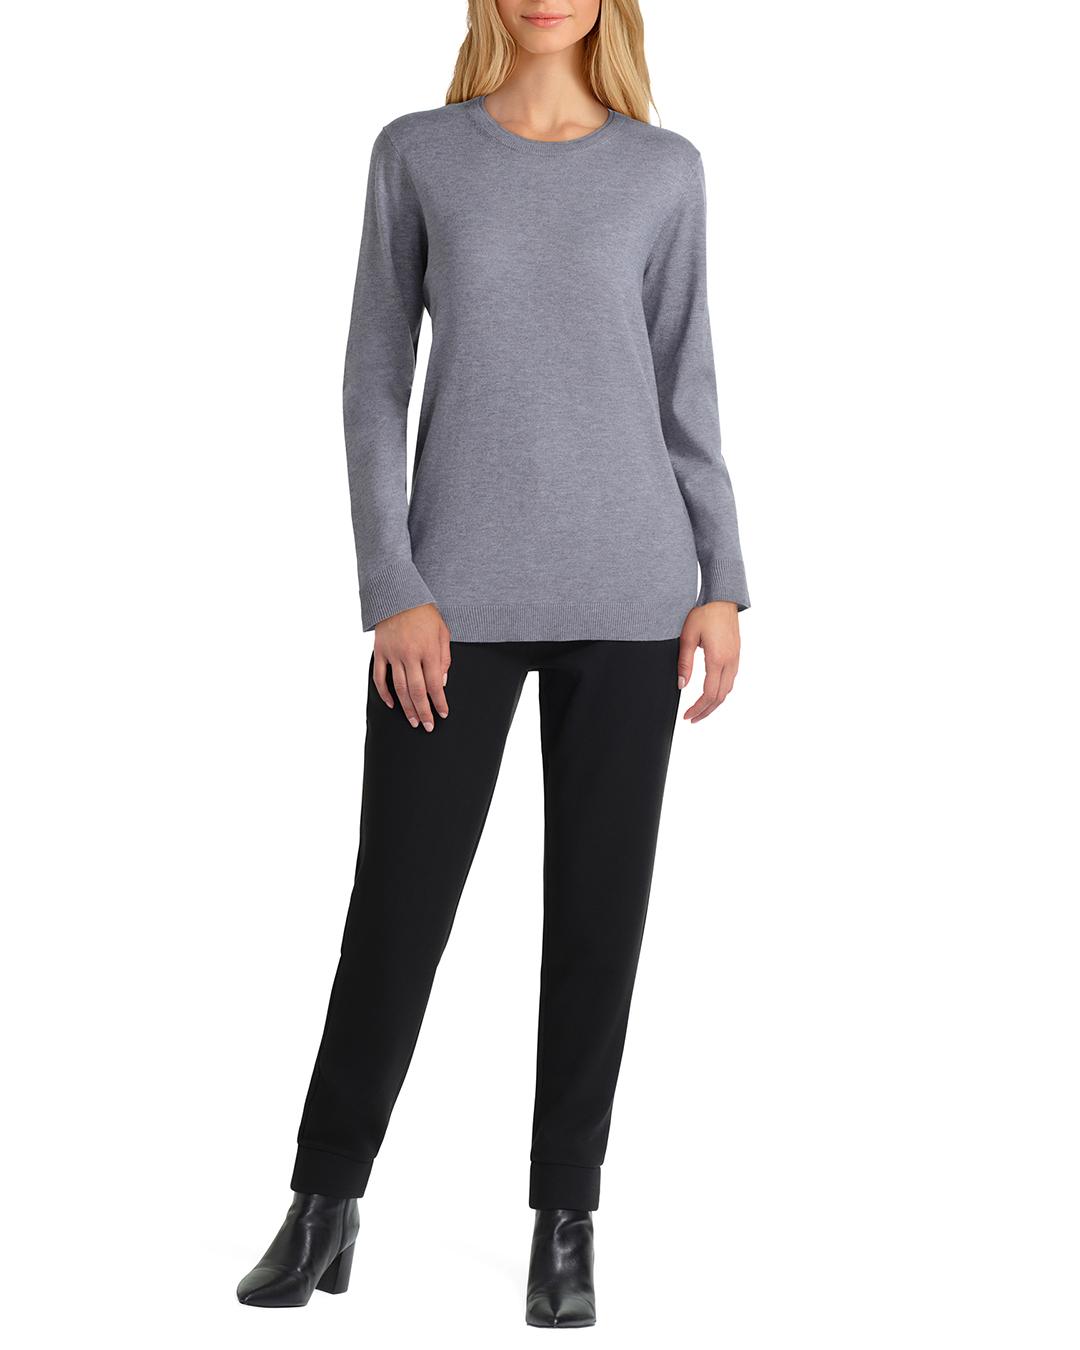 Isaac Mizrahi Long Sleeve Crew Neck Sweater